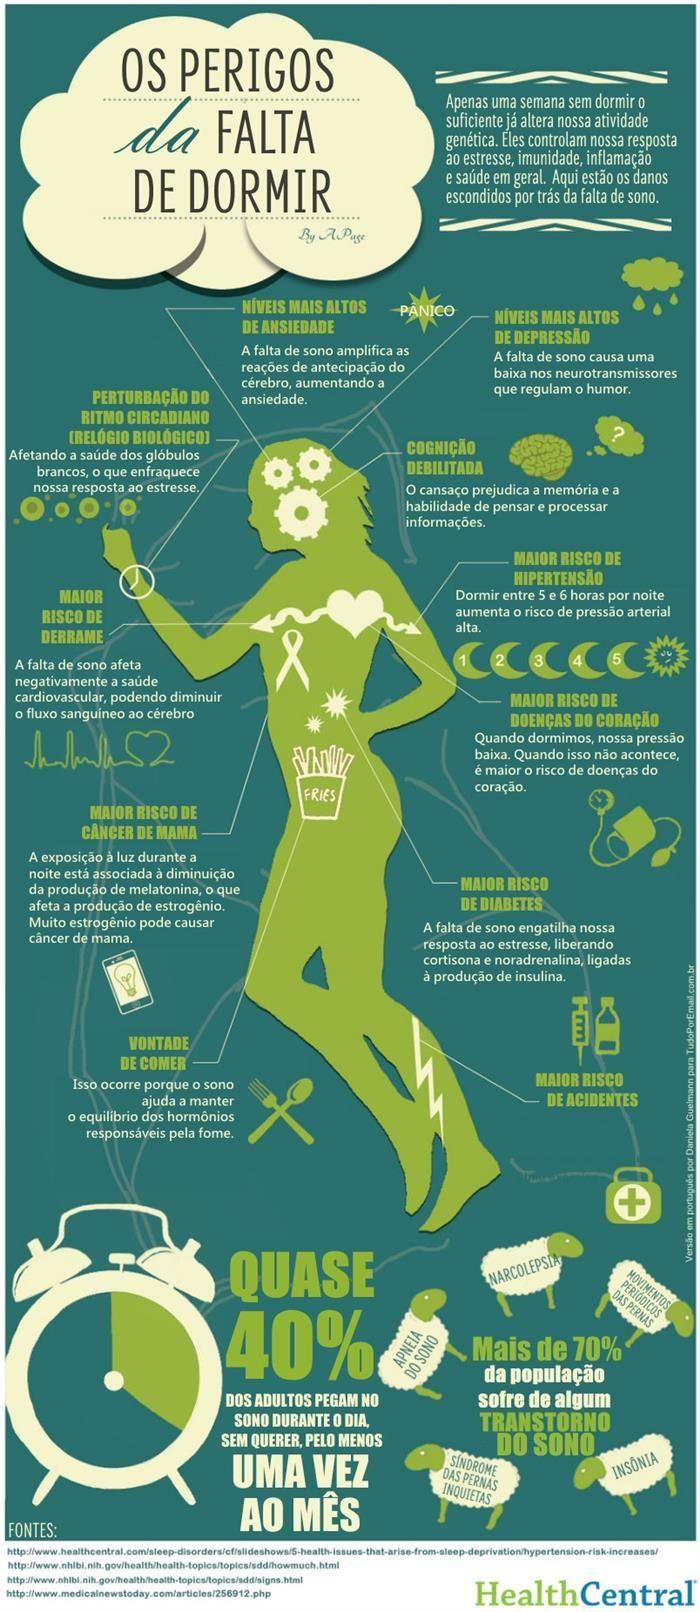 Os perigos da falta de dormir.  http://www.tudoporemail.com.br/content.aspx?emailid=2120